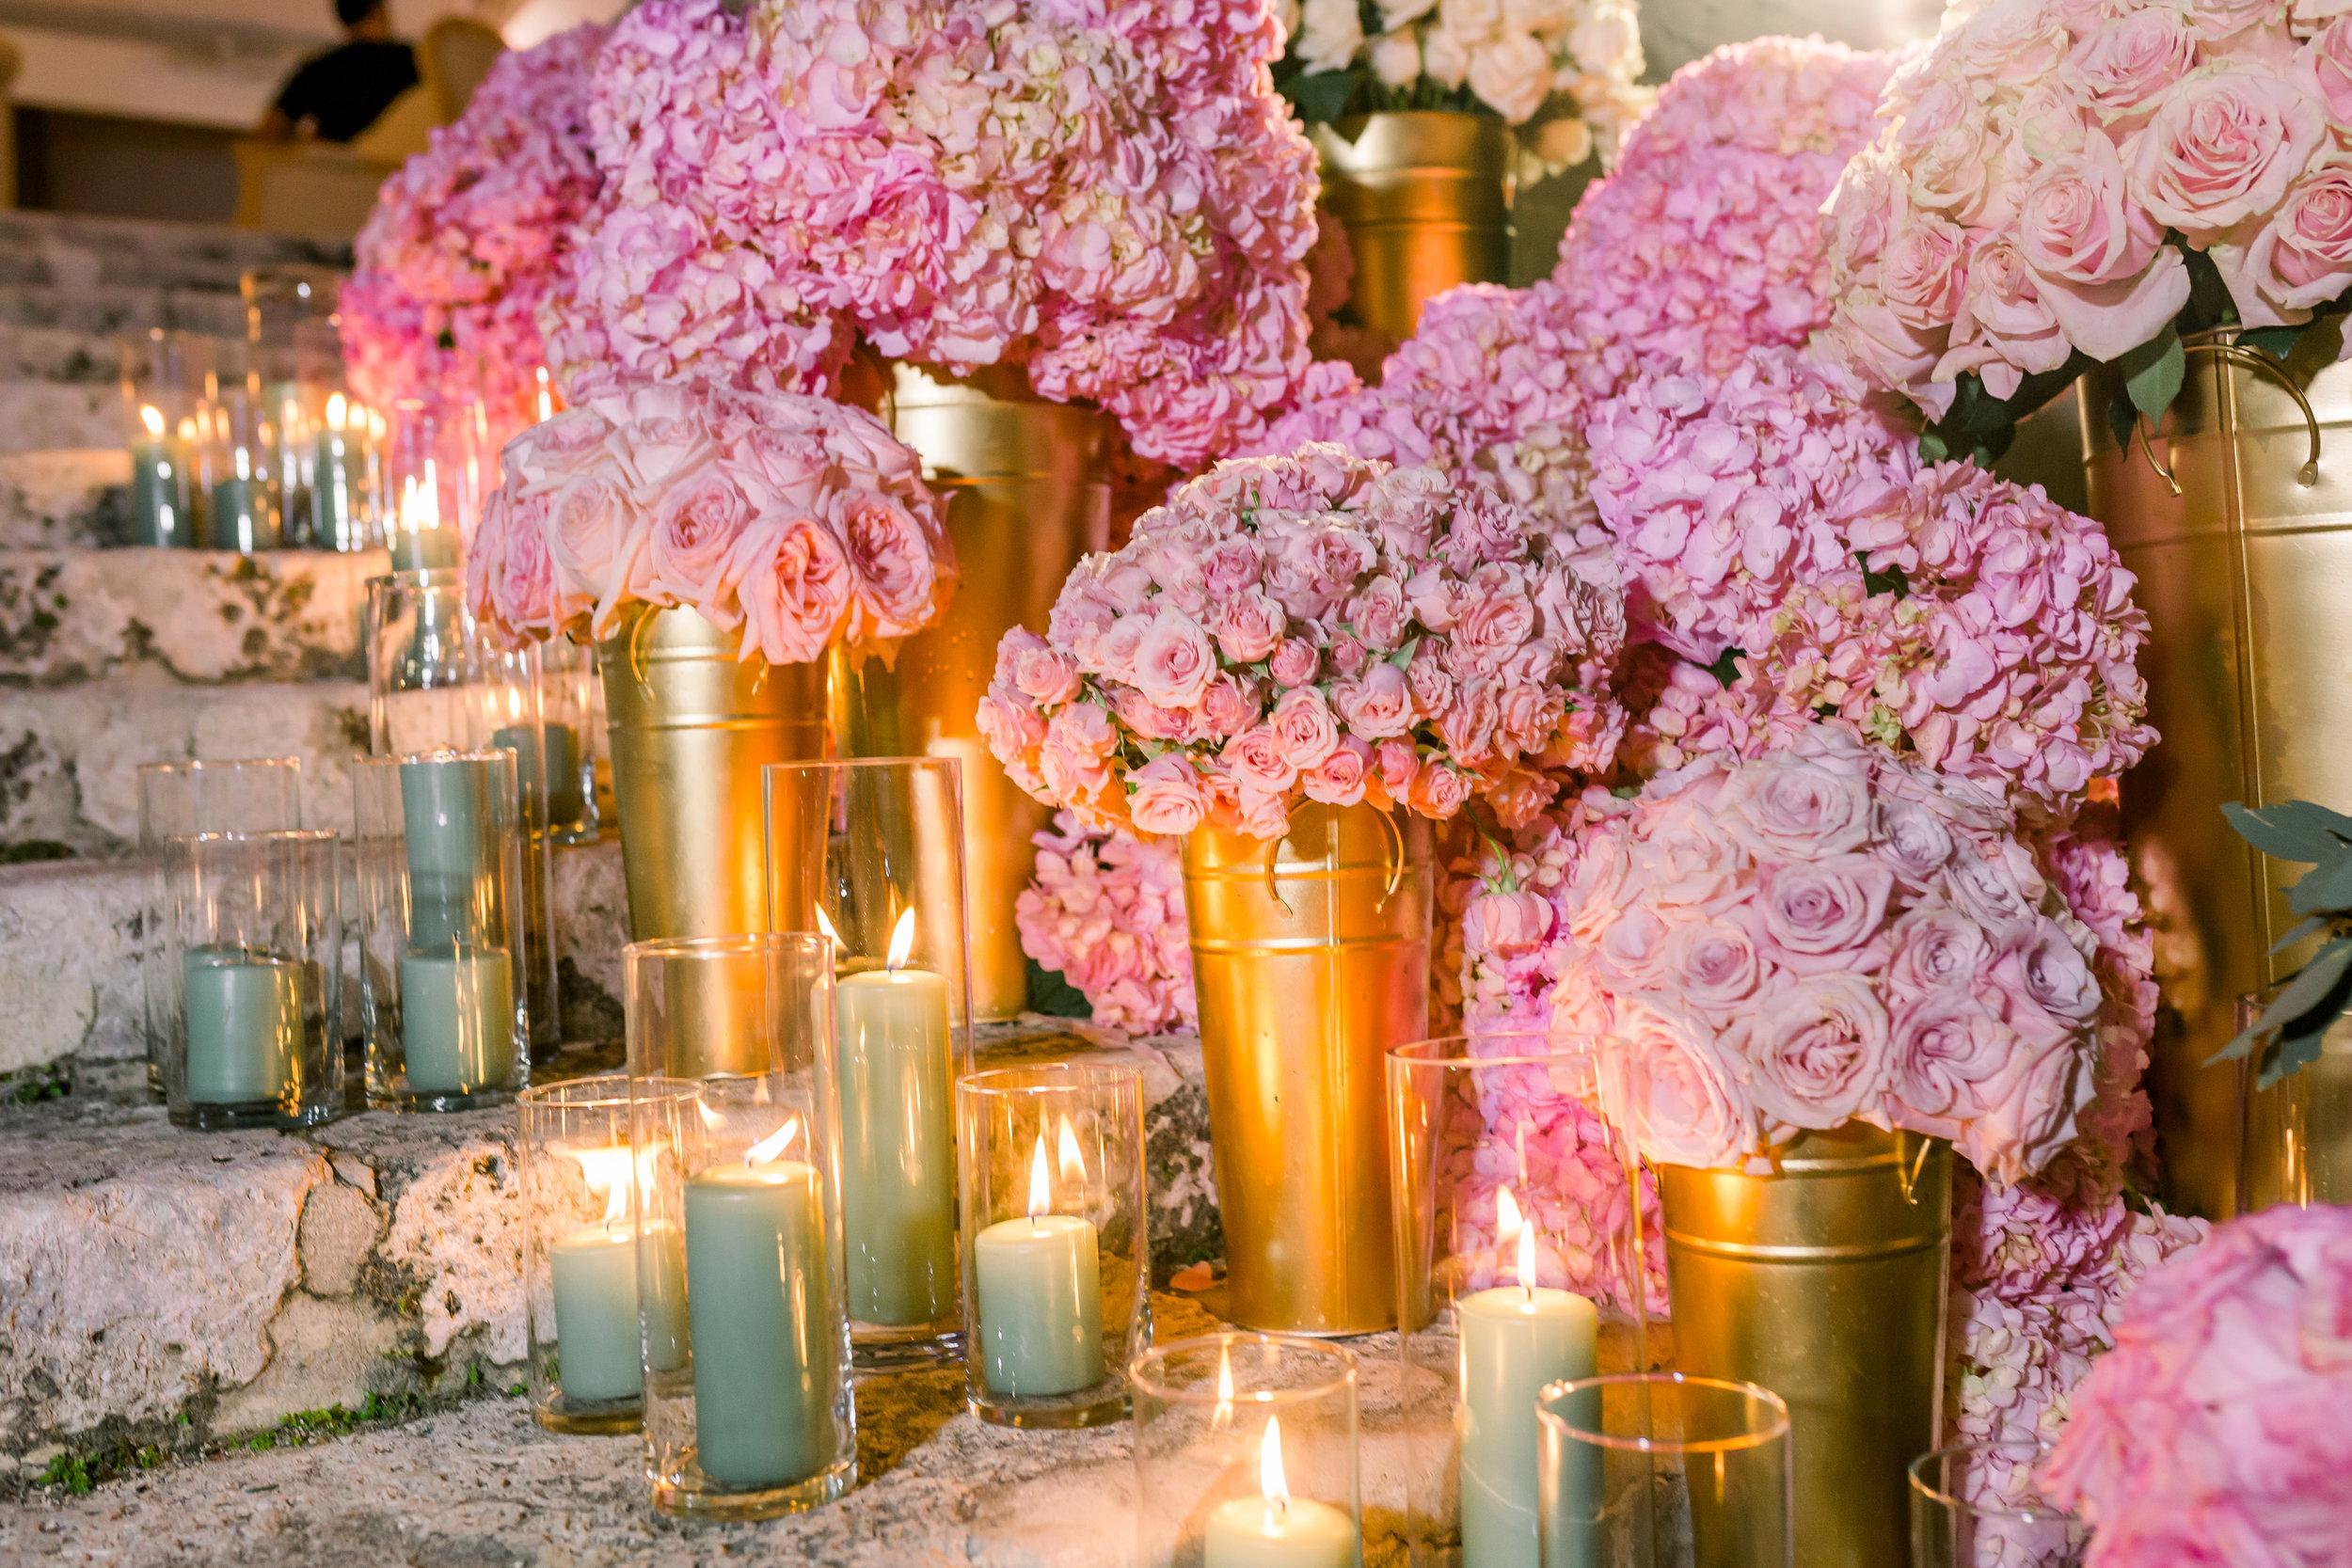 pastel floral display